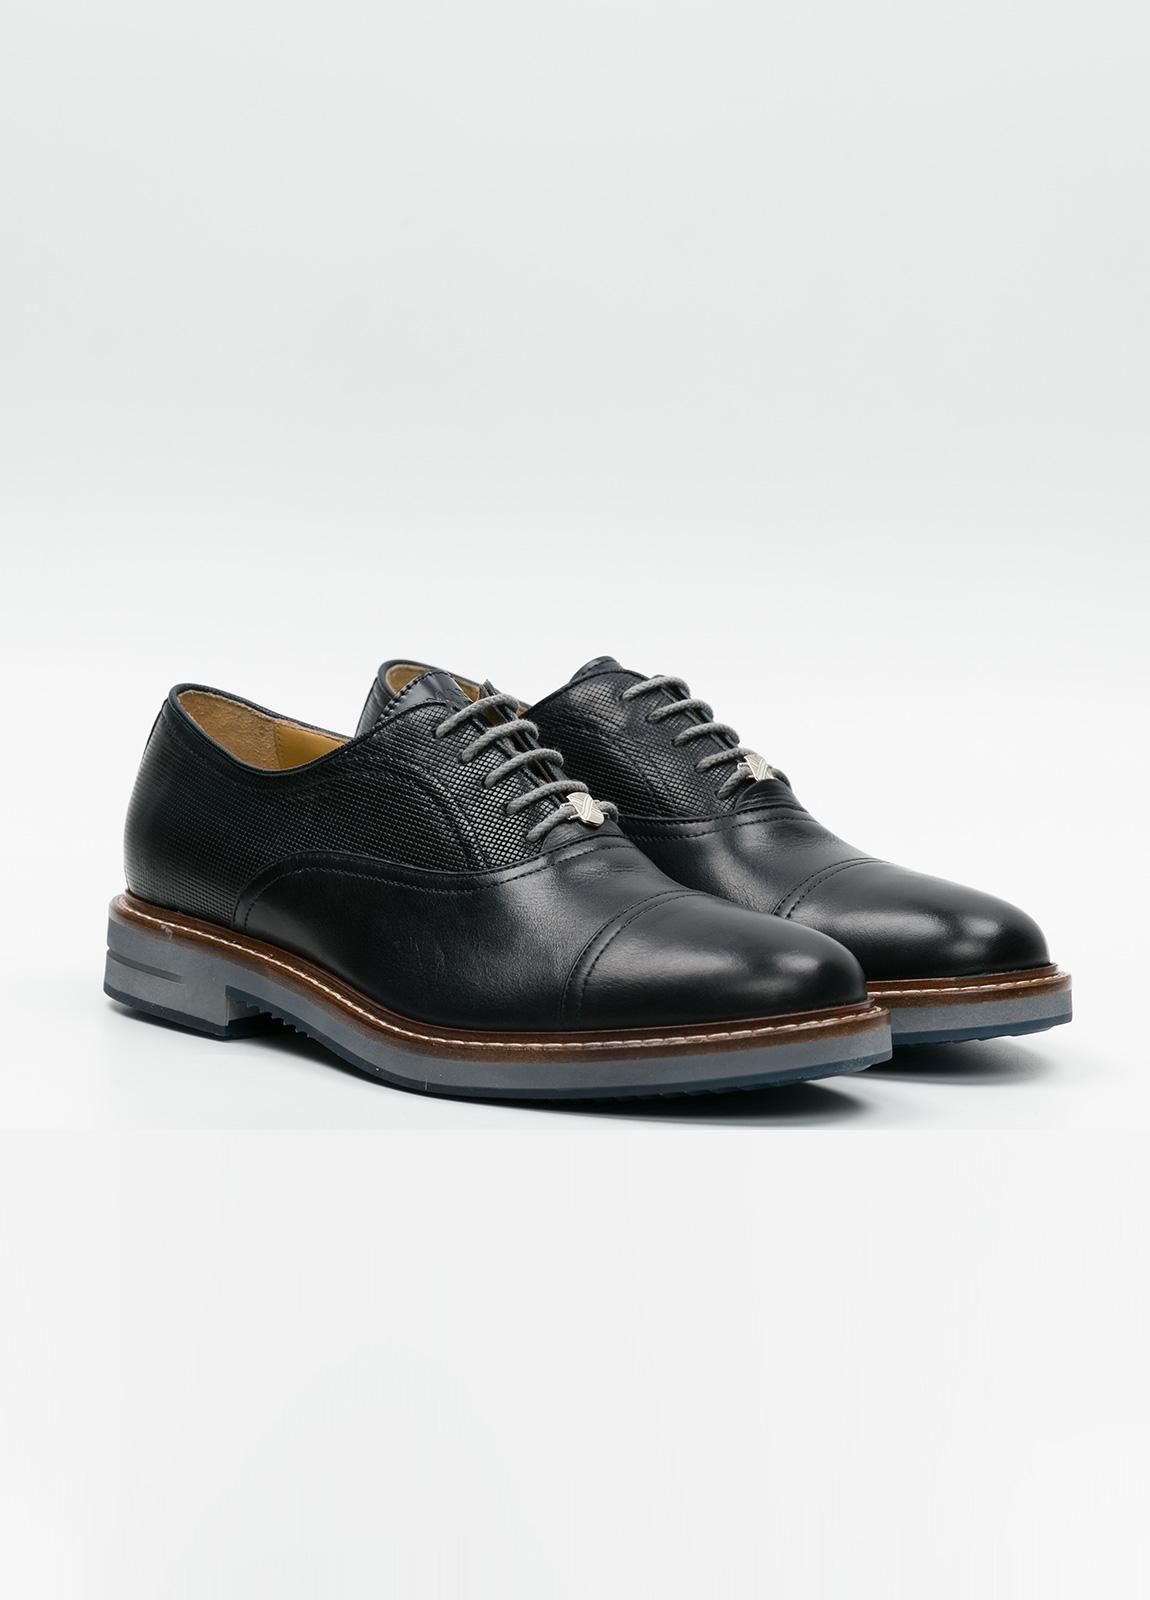 Zapato Formal Wear con cordones color marrón oscuro combinación de piel lisa y grabada. 100% Piel. - Ítem2